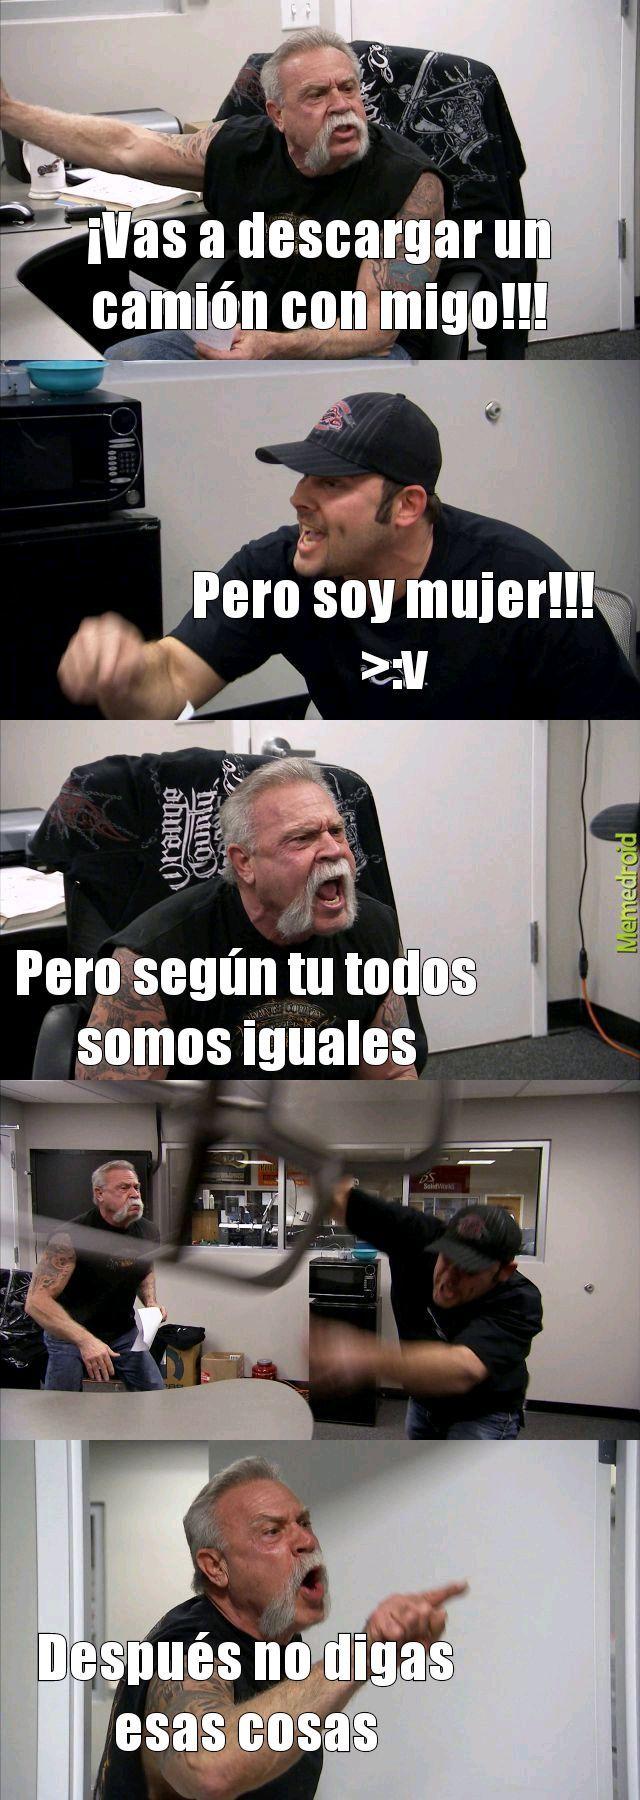 Femizazisxd - meme